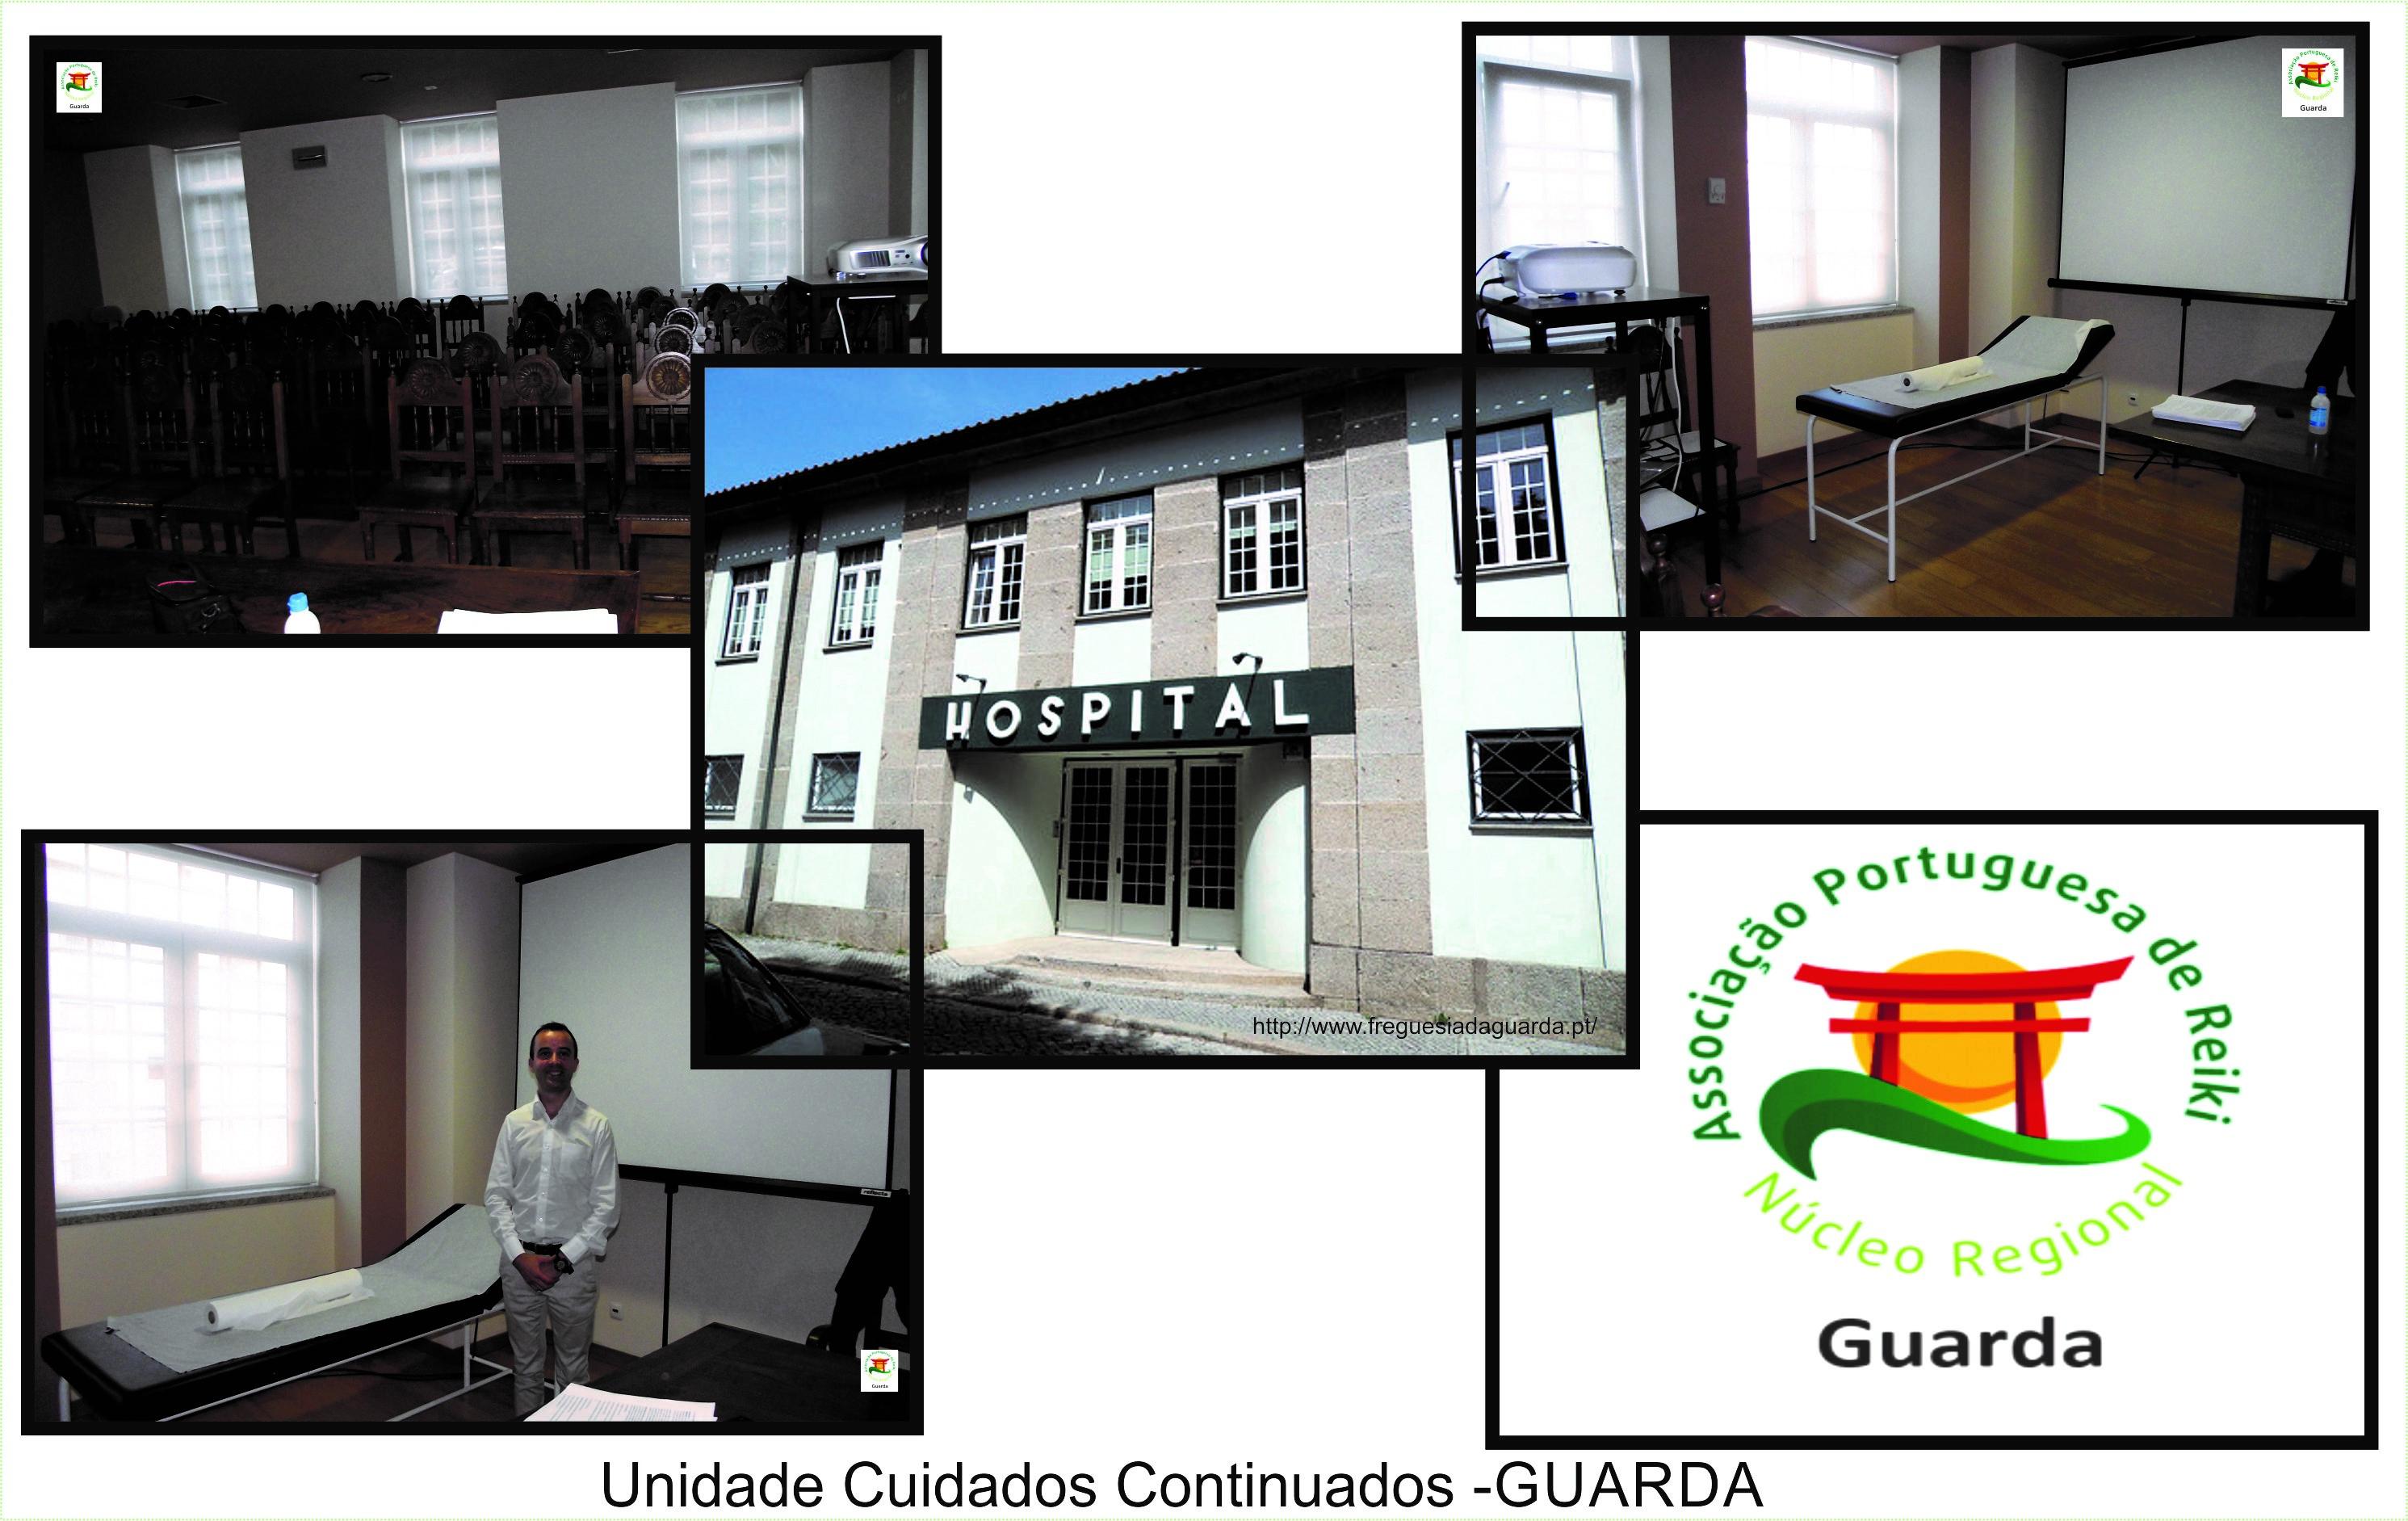 SESSÃO DE ESCLARECIMENTO NA UNIDADE CUIDADOS CONTINUADOS – GUARDA